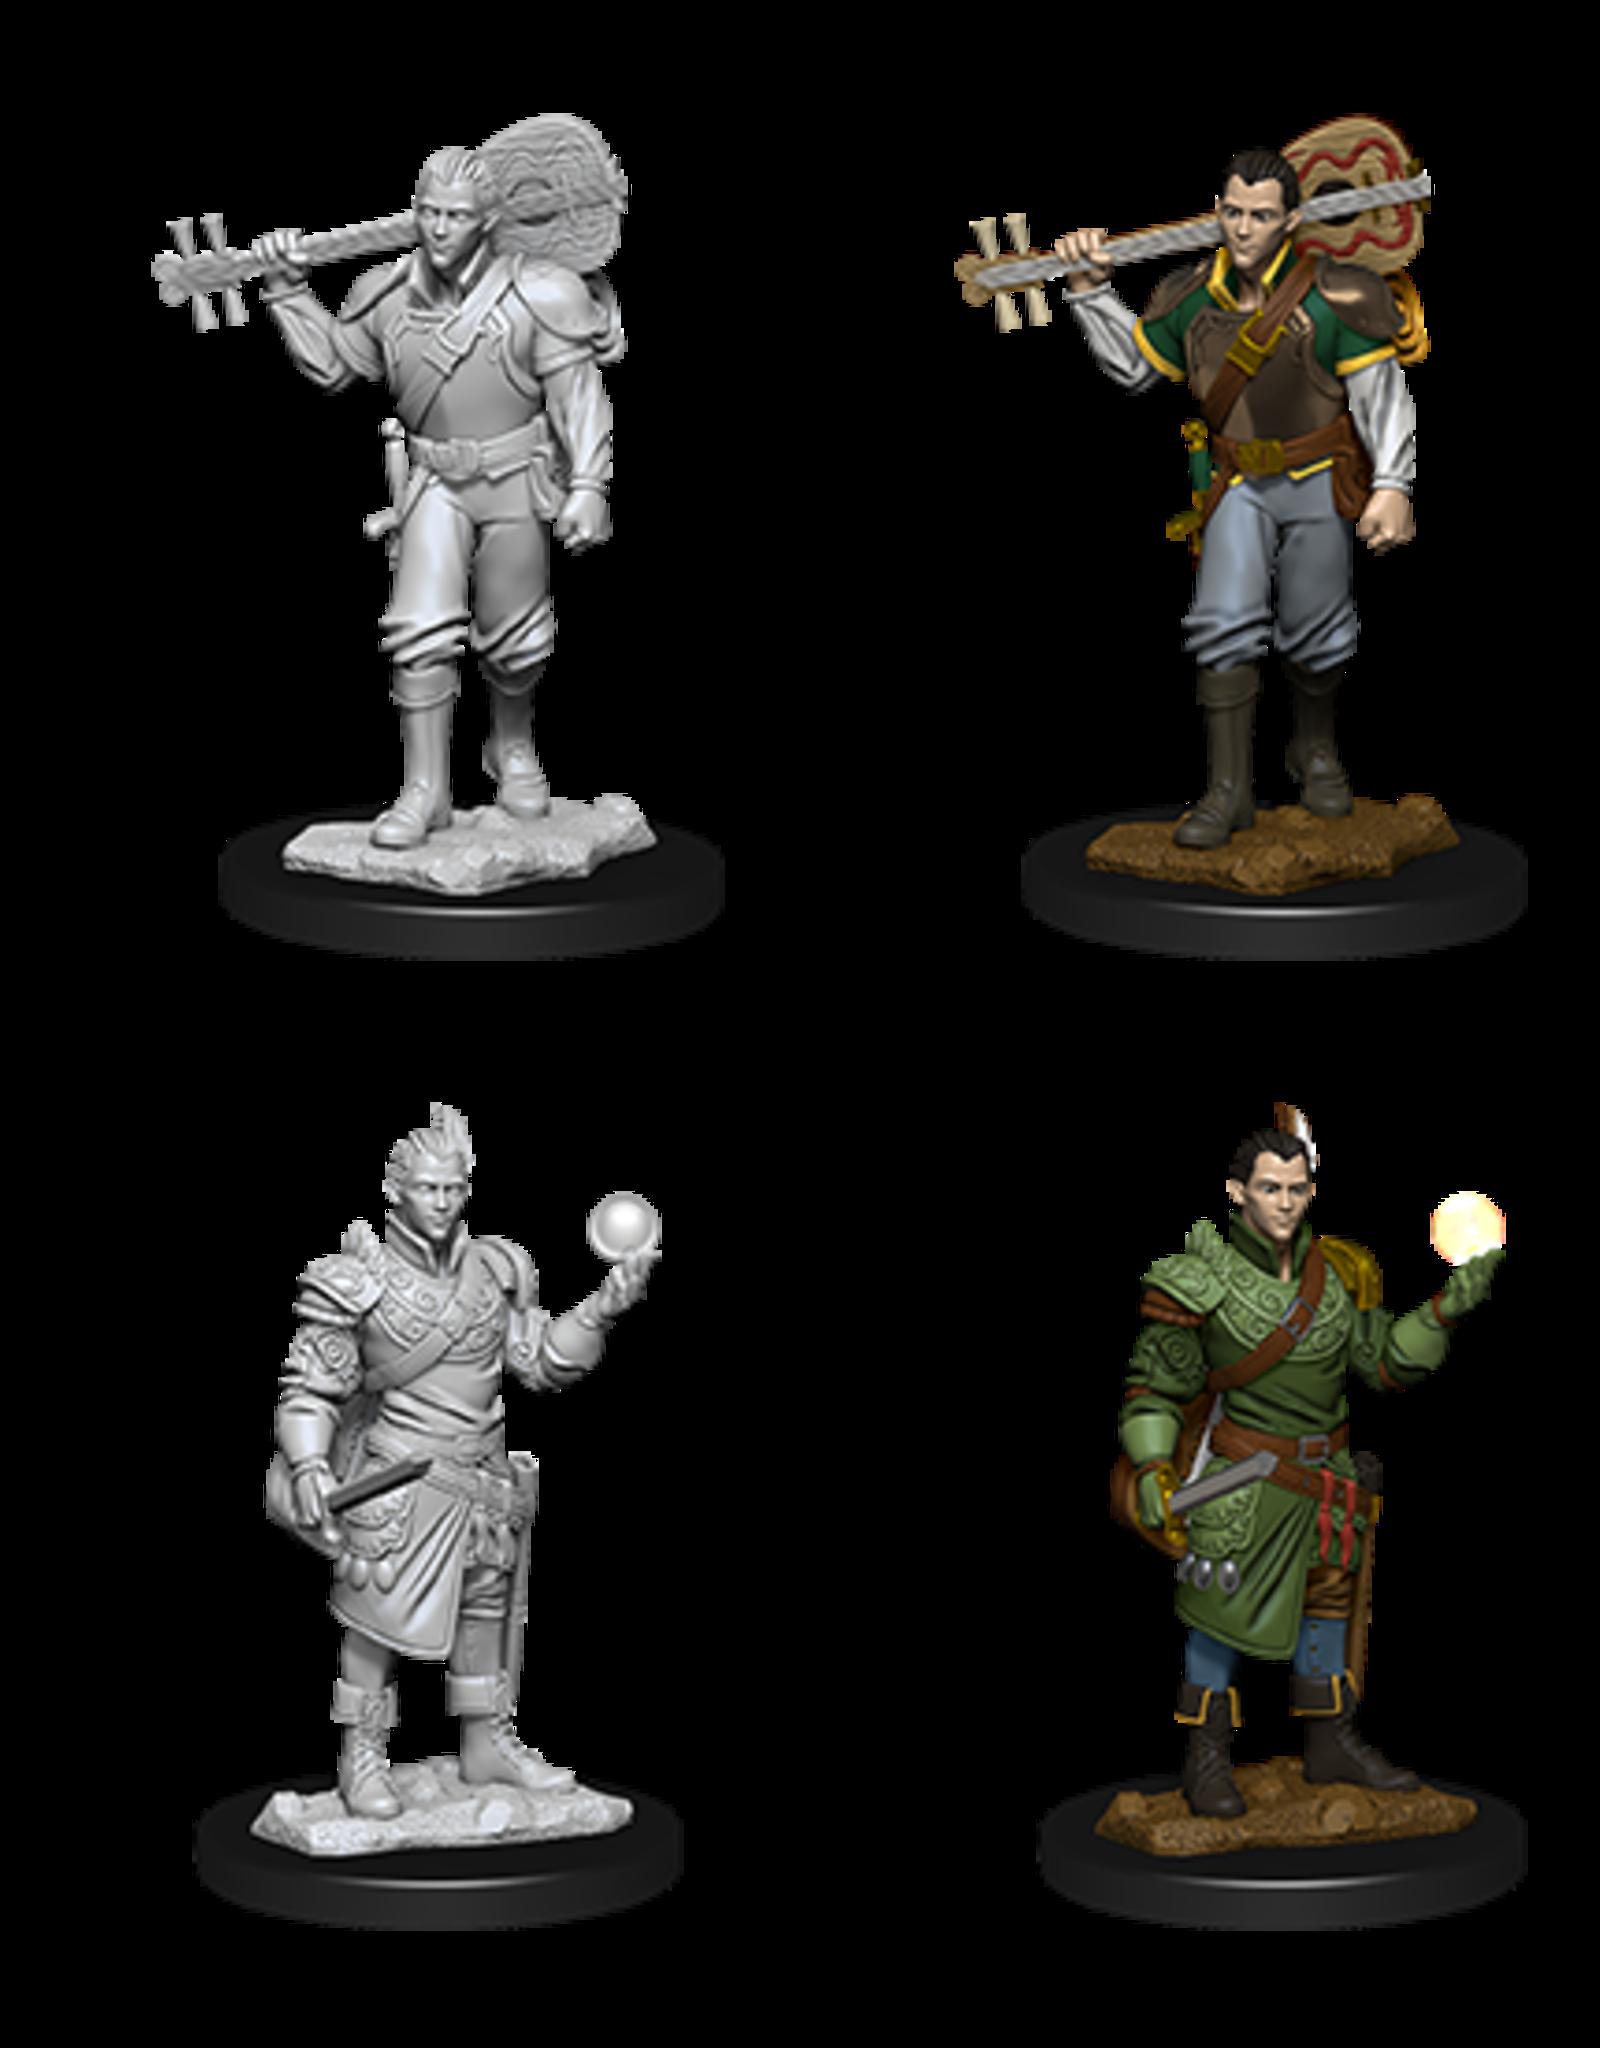 Wizkids D&D Nolzur's Marvelous Miniatures Half-Elf Bard Male